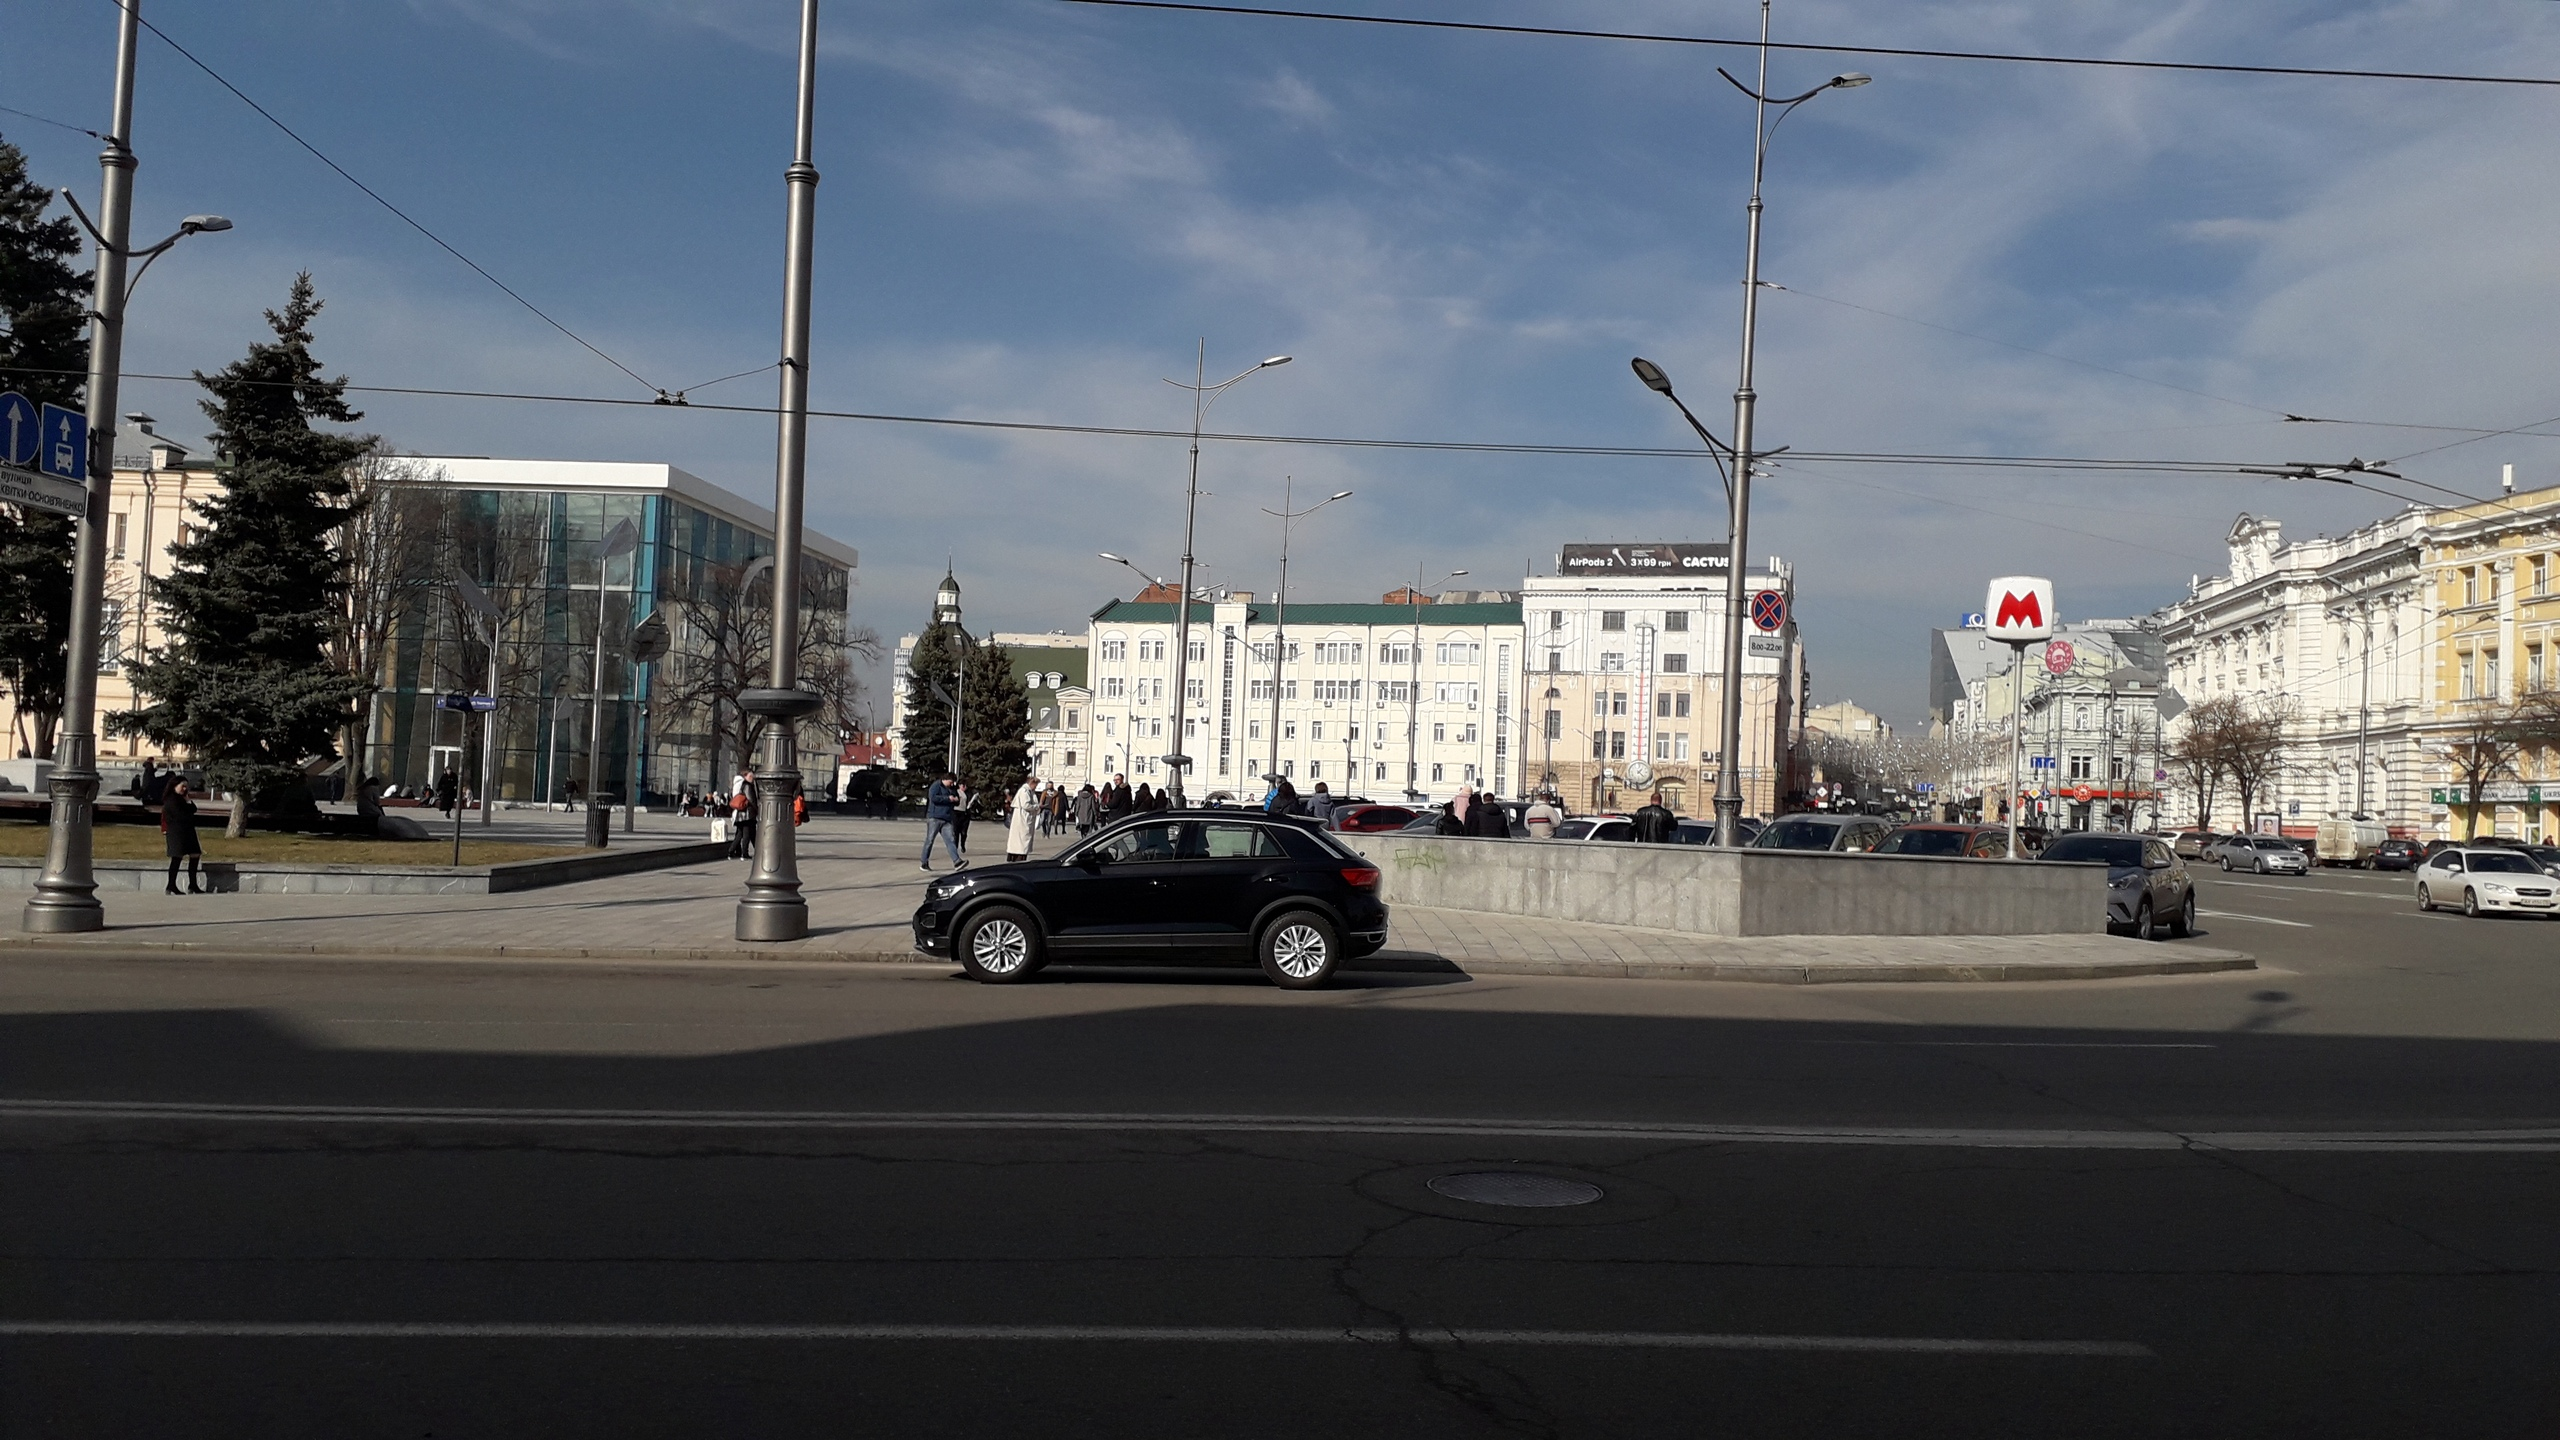 Один рабочий день адвоката ) Украина,25-35,2020,Харьков,юрист,будни